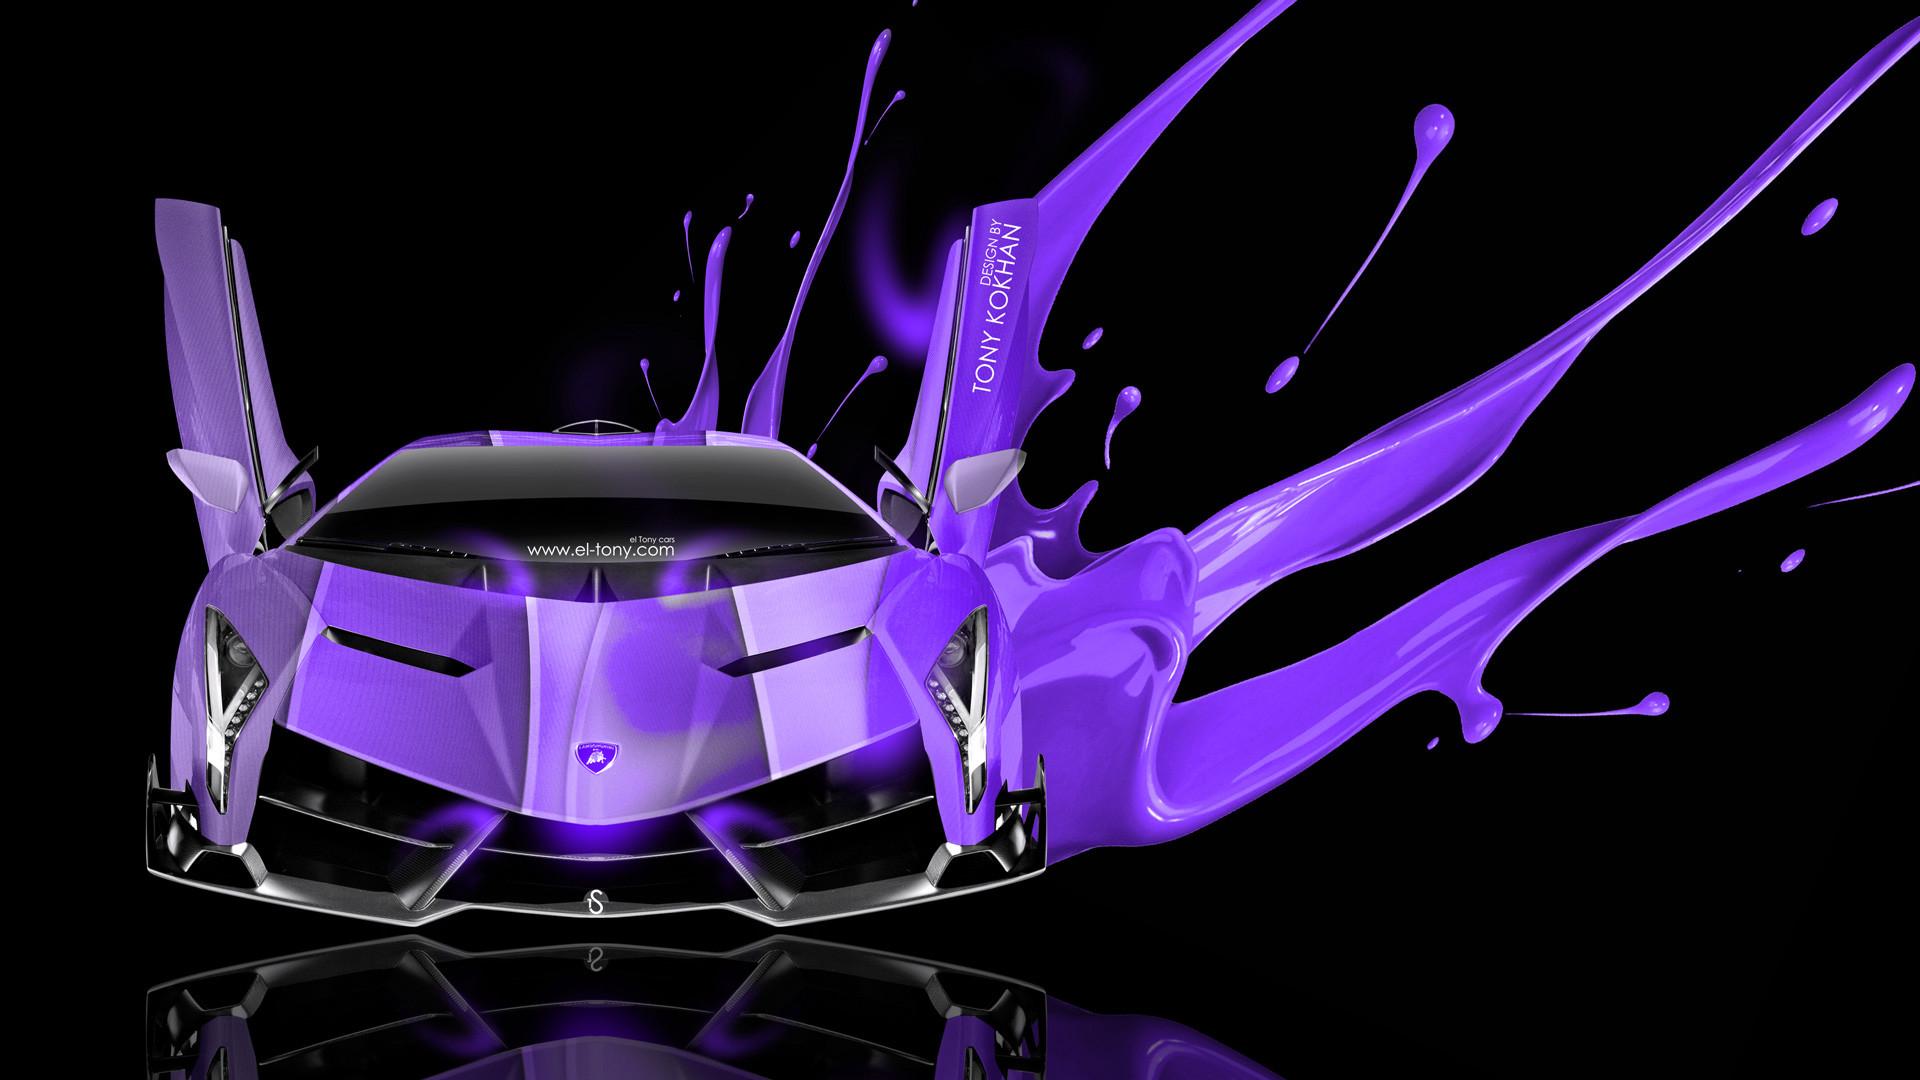 Lamborghini Veneno Open Doors Art Live Violet Colors